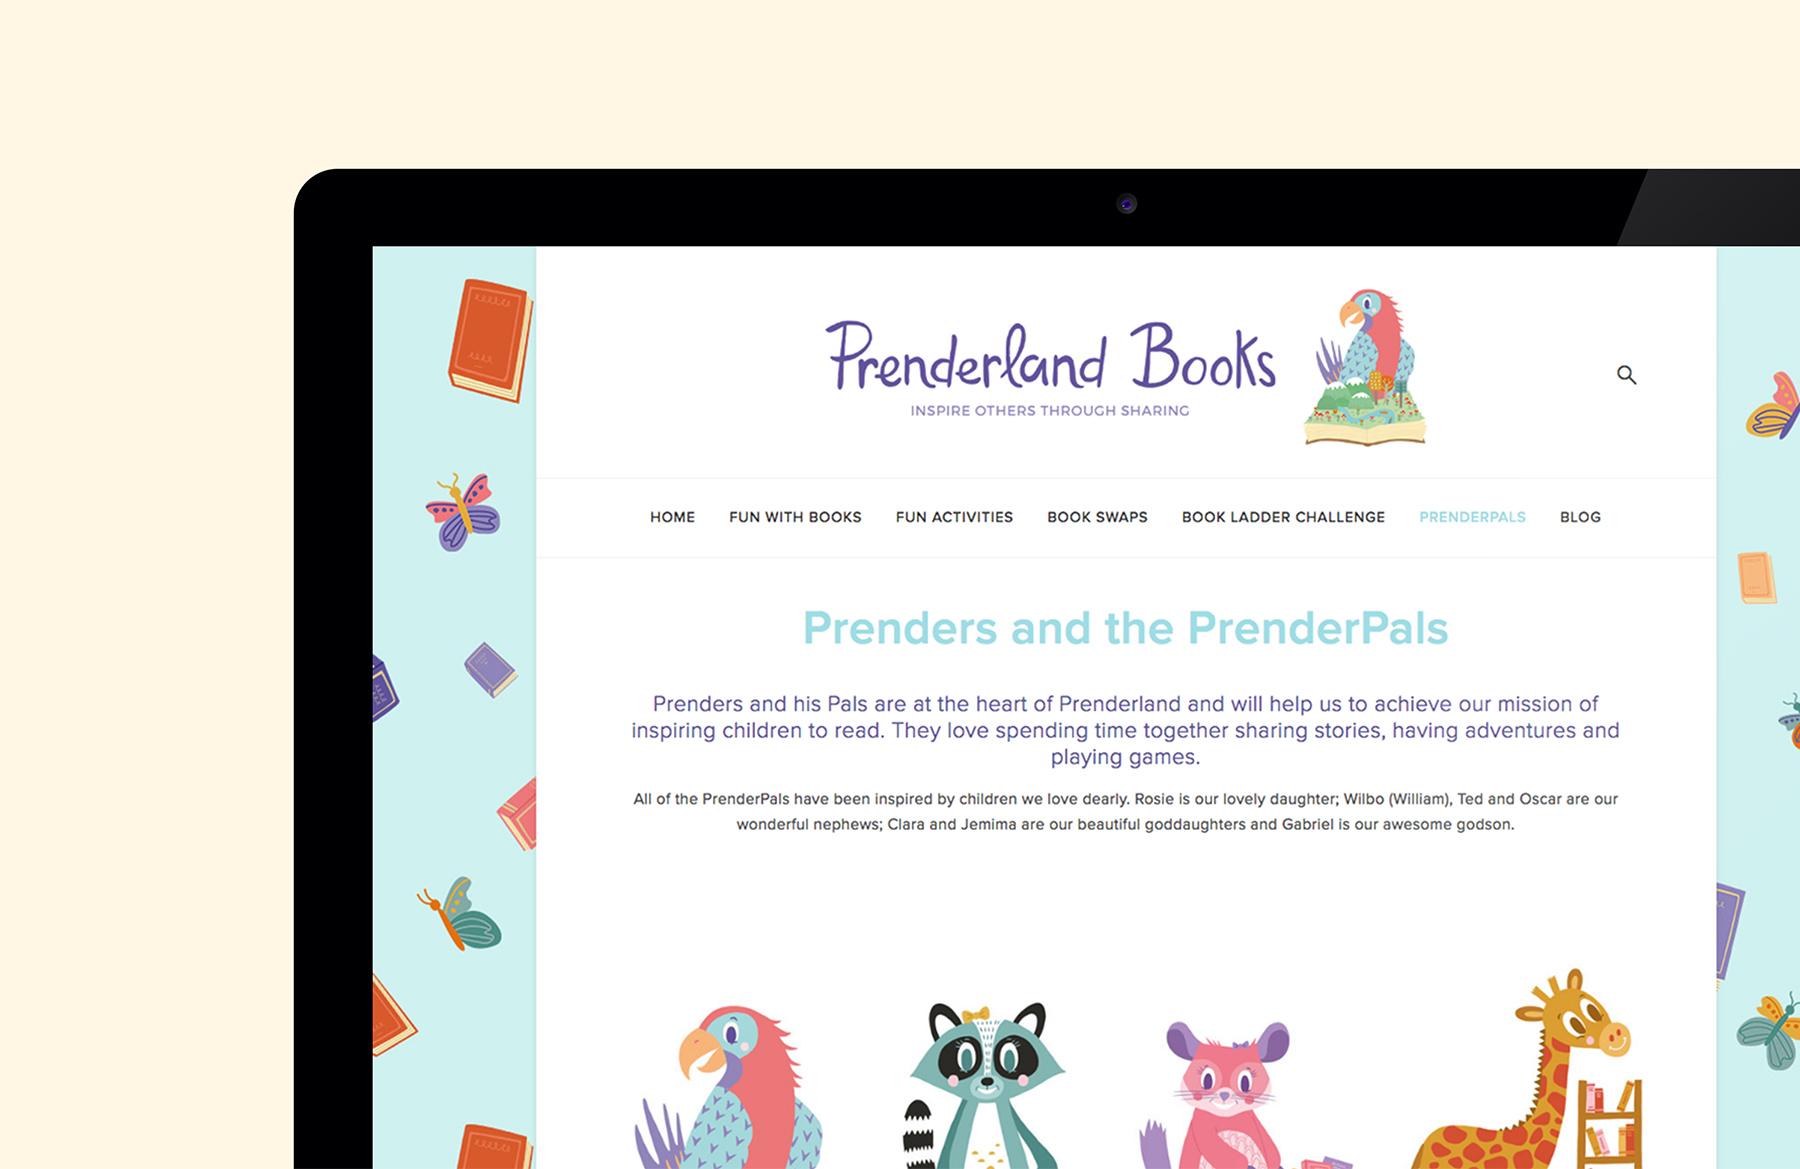 Carole_Chevalier-Prenderland-Books-5.jpg